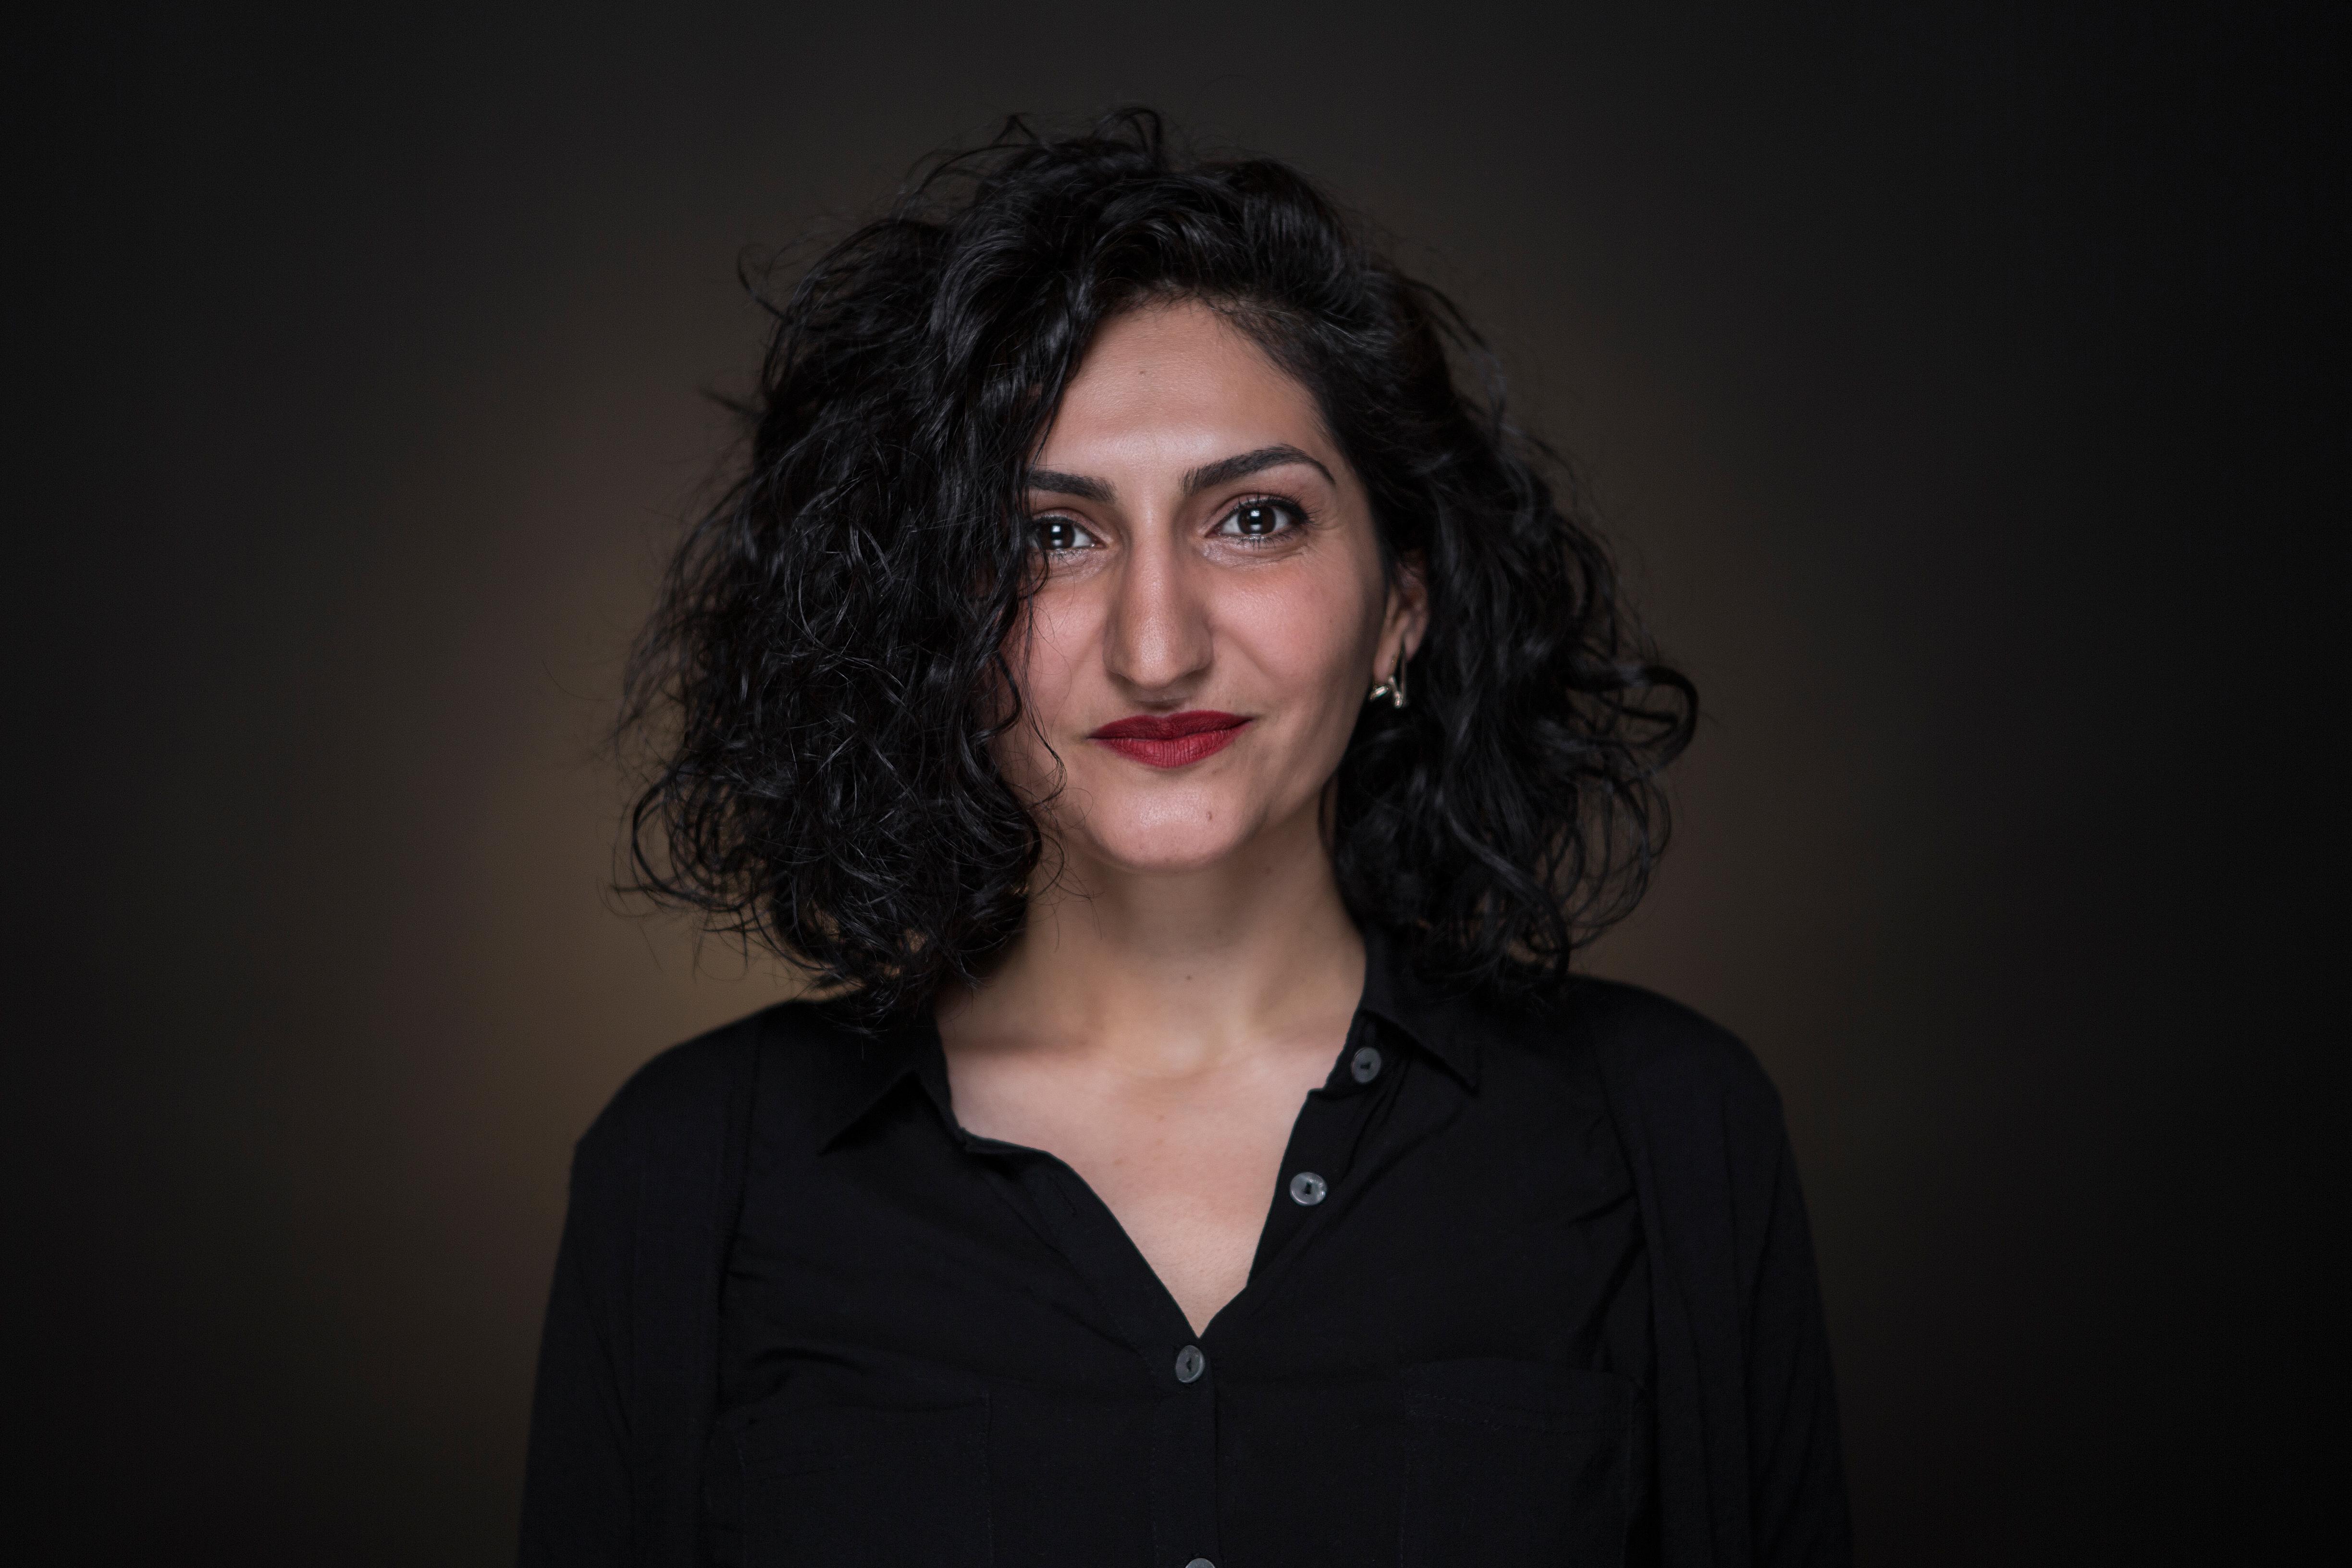 Verletzt, aber nicht gebrochen: Sibel Arslan blickt nach der überstandenen Kampagne gegen ihre Person optimistisch in die Zukunft.